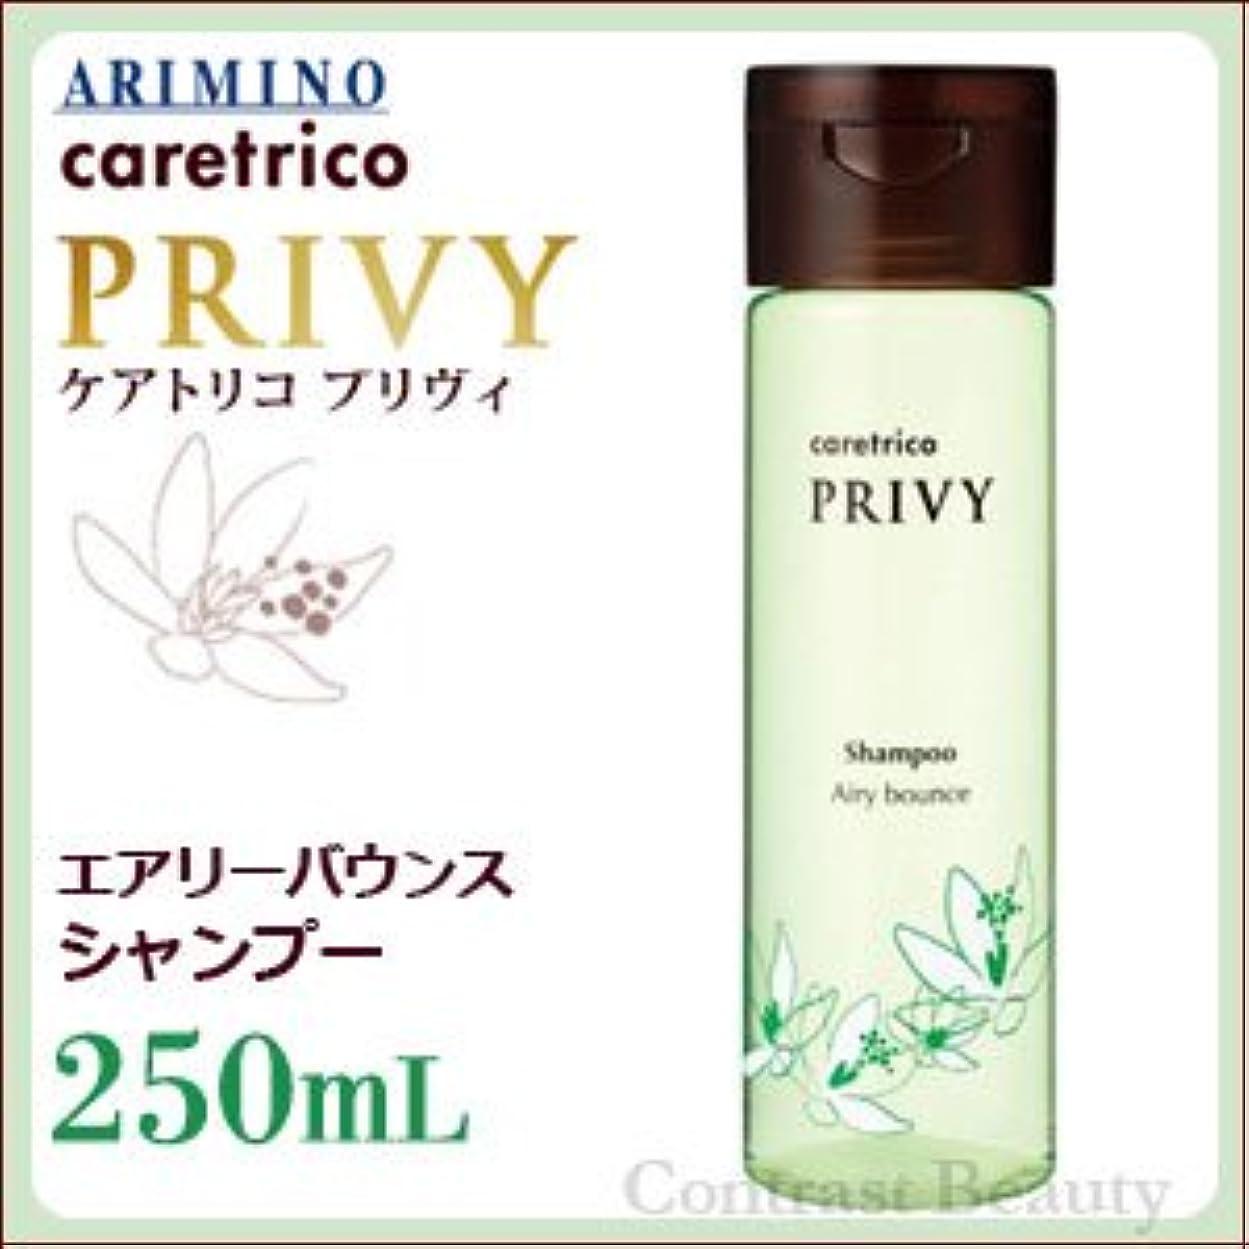 【x2個セット】 アリミノ ケアトリコ プリヴィ エアリーバウンス シャンプー 250ml